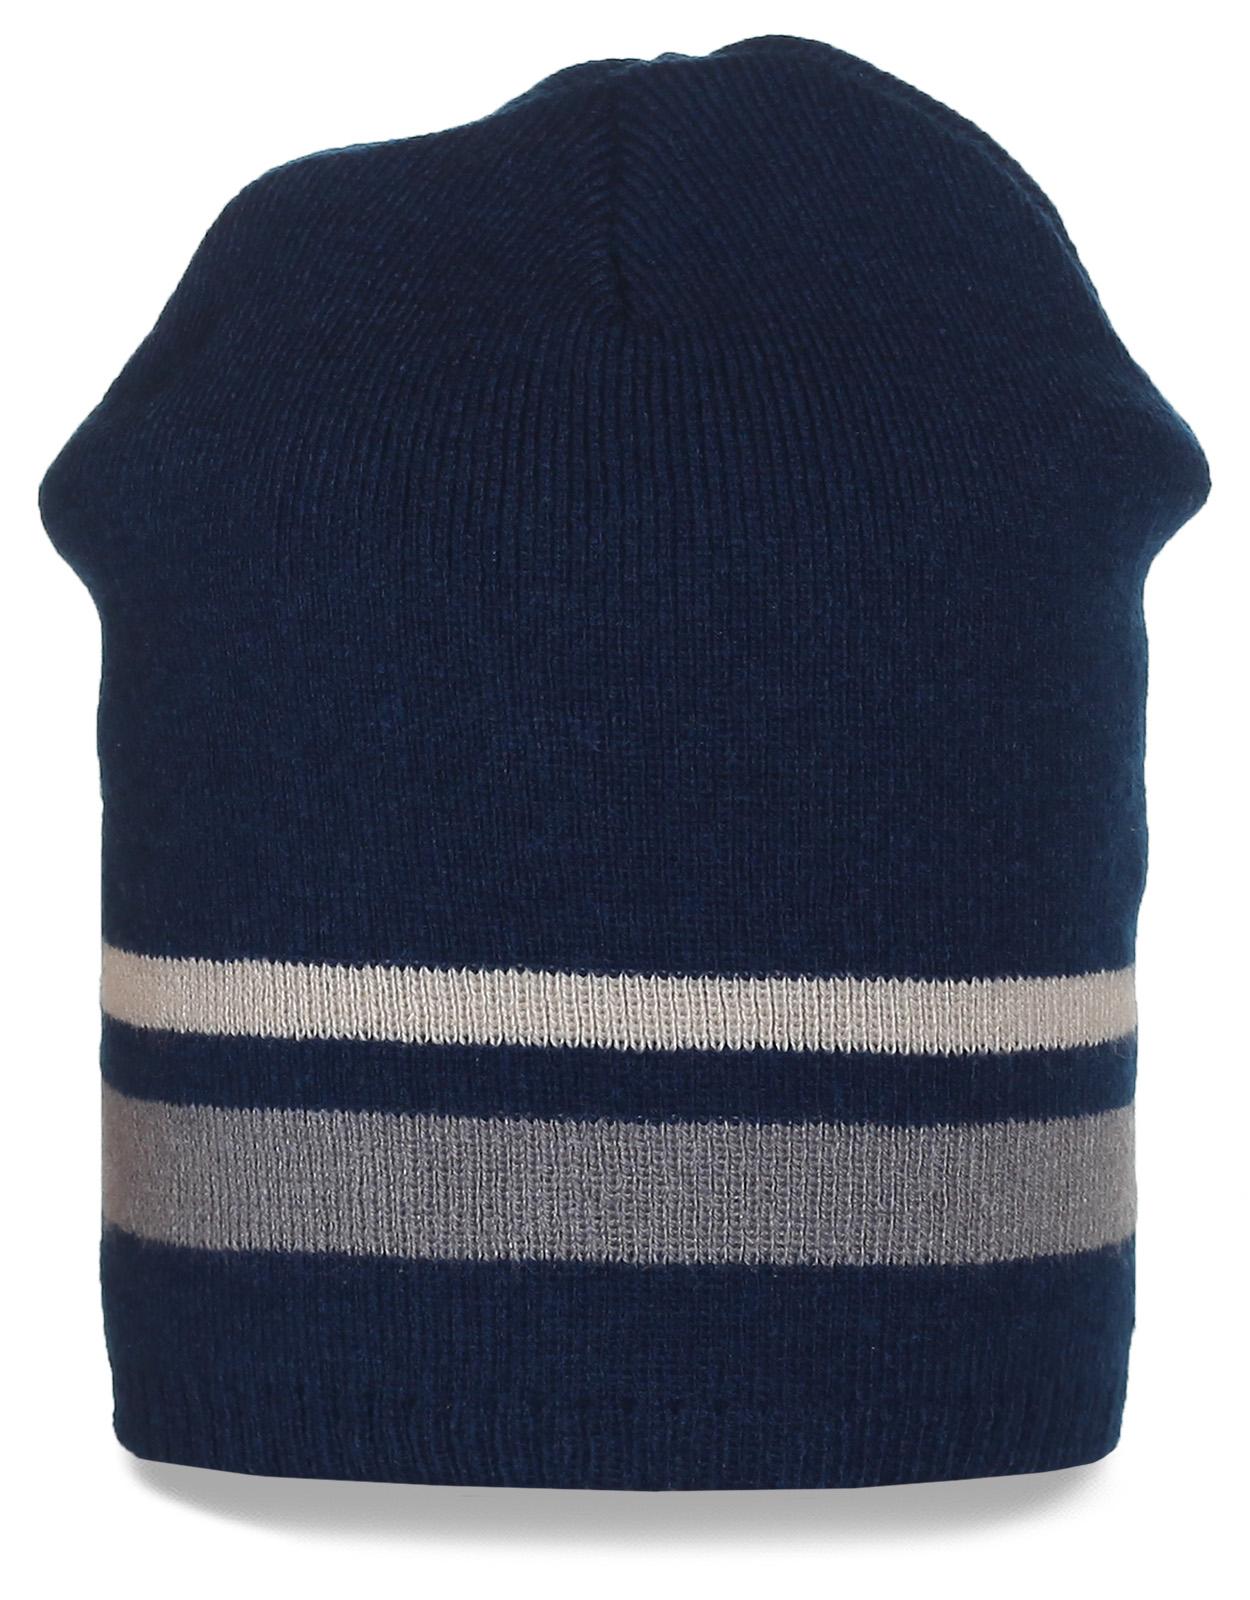 Трендовая полосатая шапка. Заказывайте модные вещи выгодно!